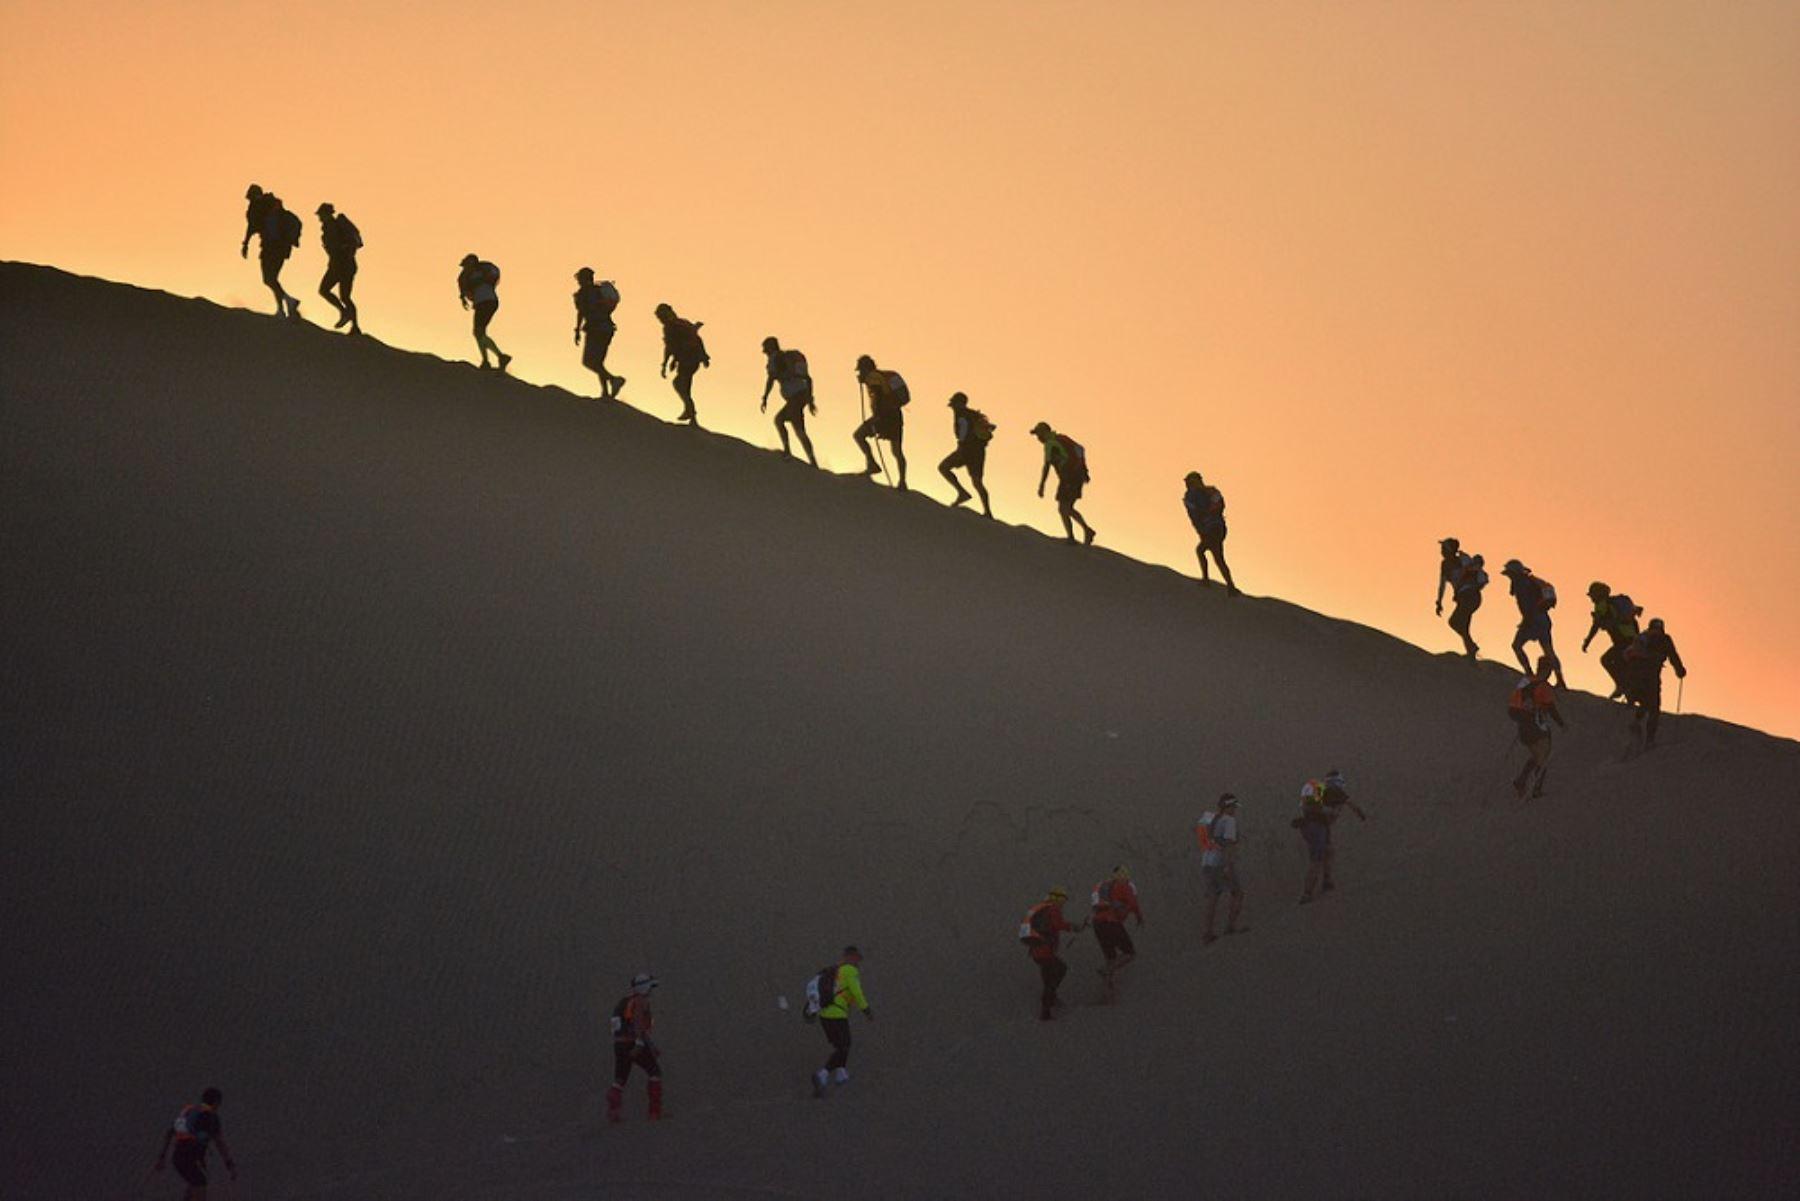 """Este 16 de julio se realizará por cuarta vez consecutiva la competencia internacional """"Perú 8mil Desert Challenge 2016"""", que tendrá como escenario la Reserva Nacional de Paracas, área natural protegida administrada por el Servicio Nacional de Áreas Naturales Protegidas por el Estado (Sernanp)."""